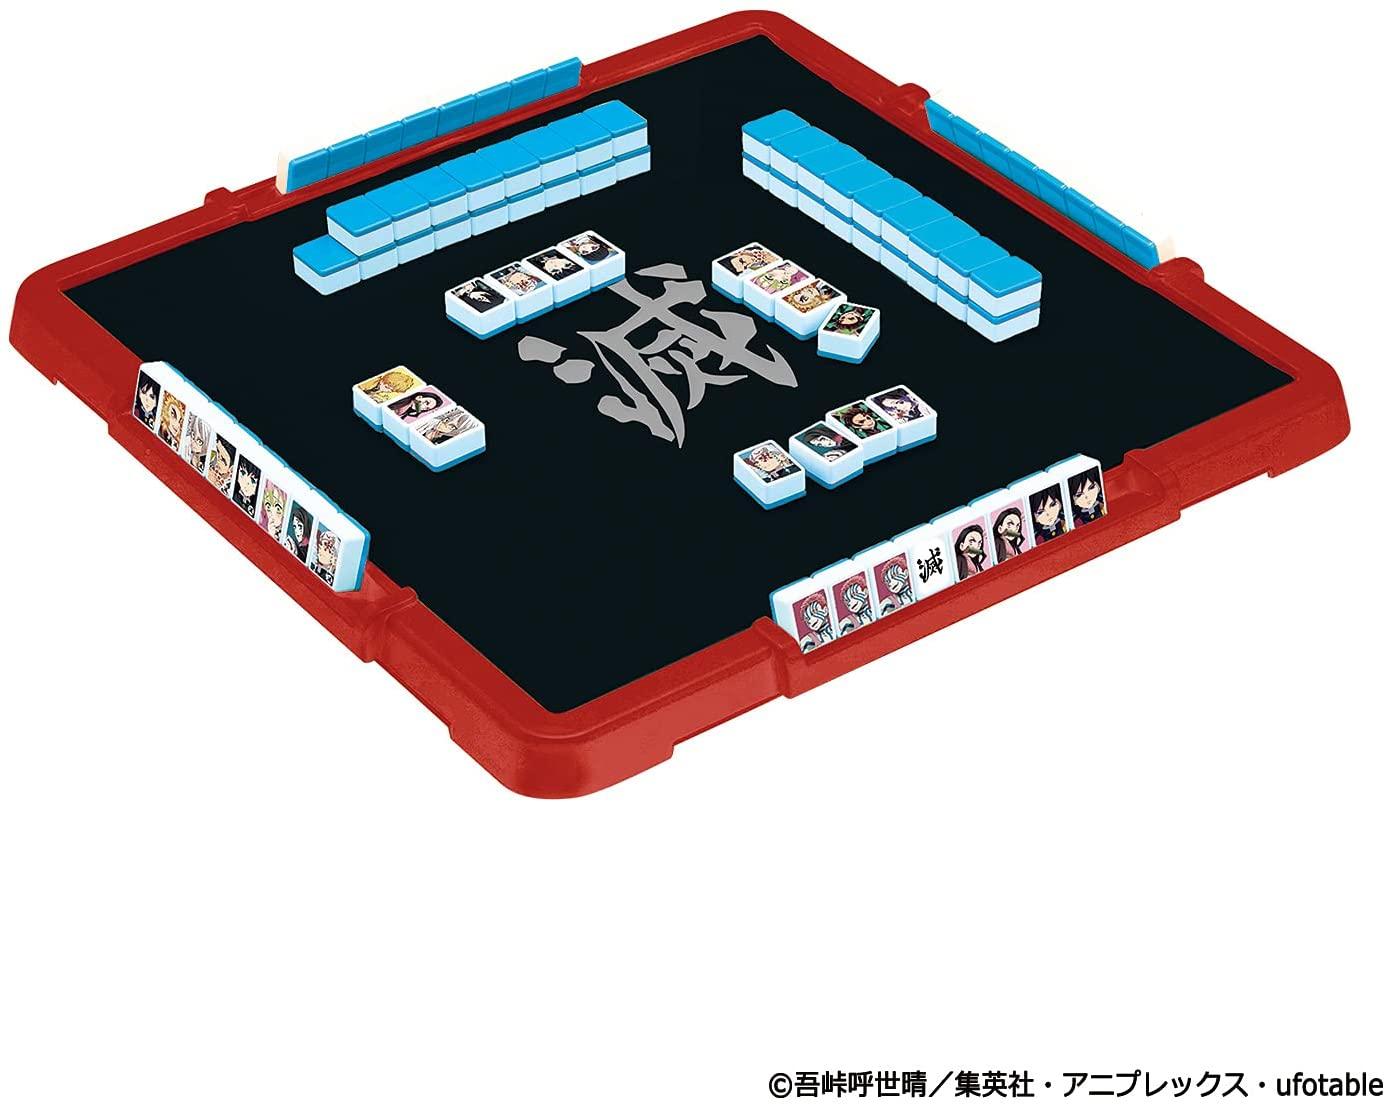 鬼滅の刃『ドンジャラ鬼滅の刃2』ボードゲーム-002